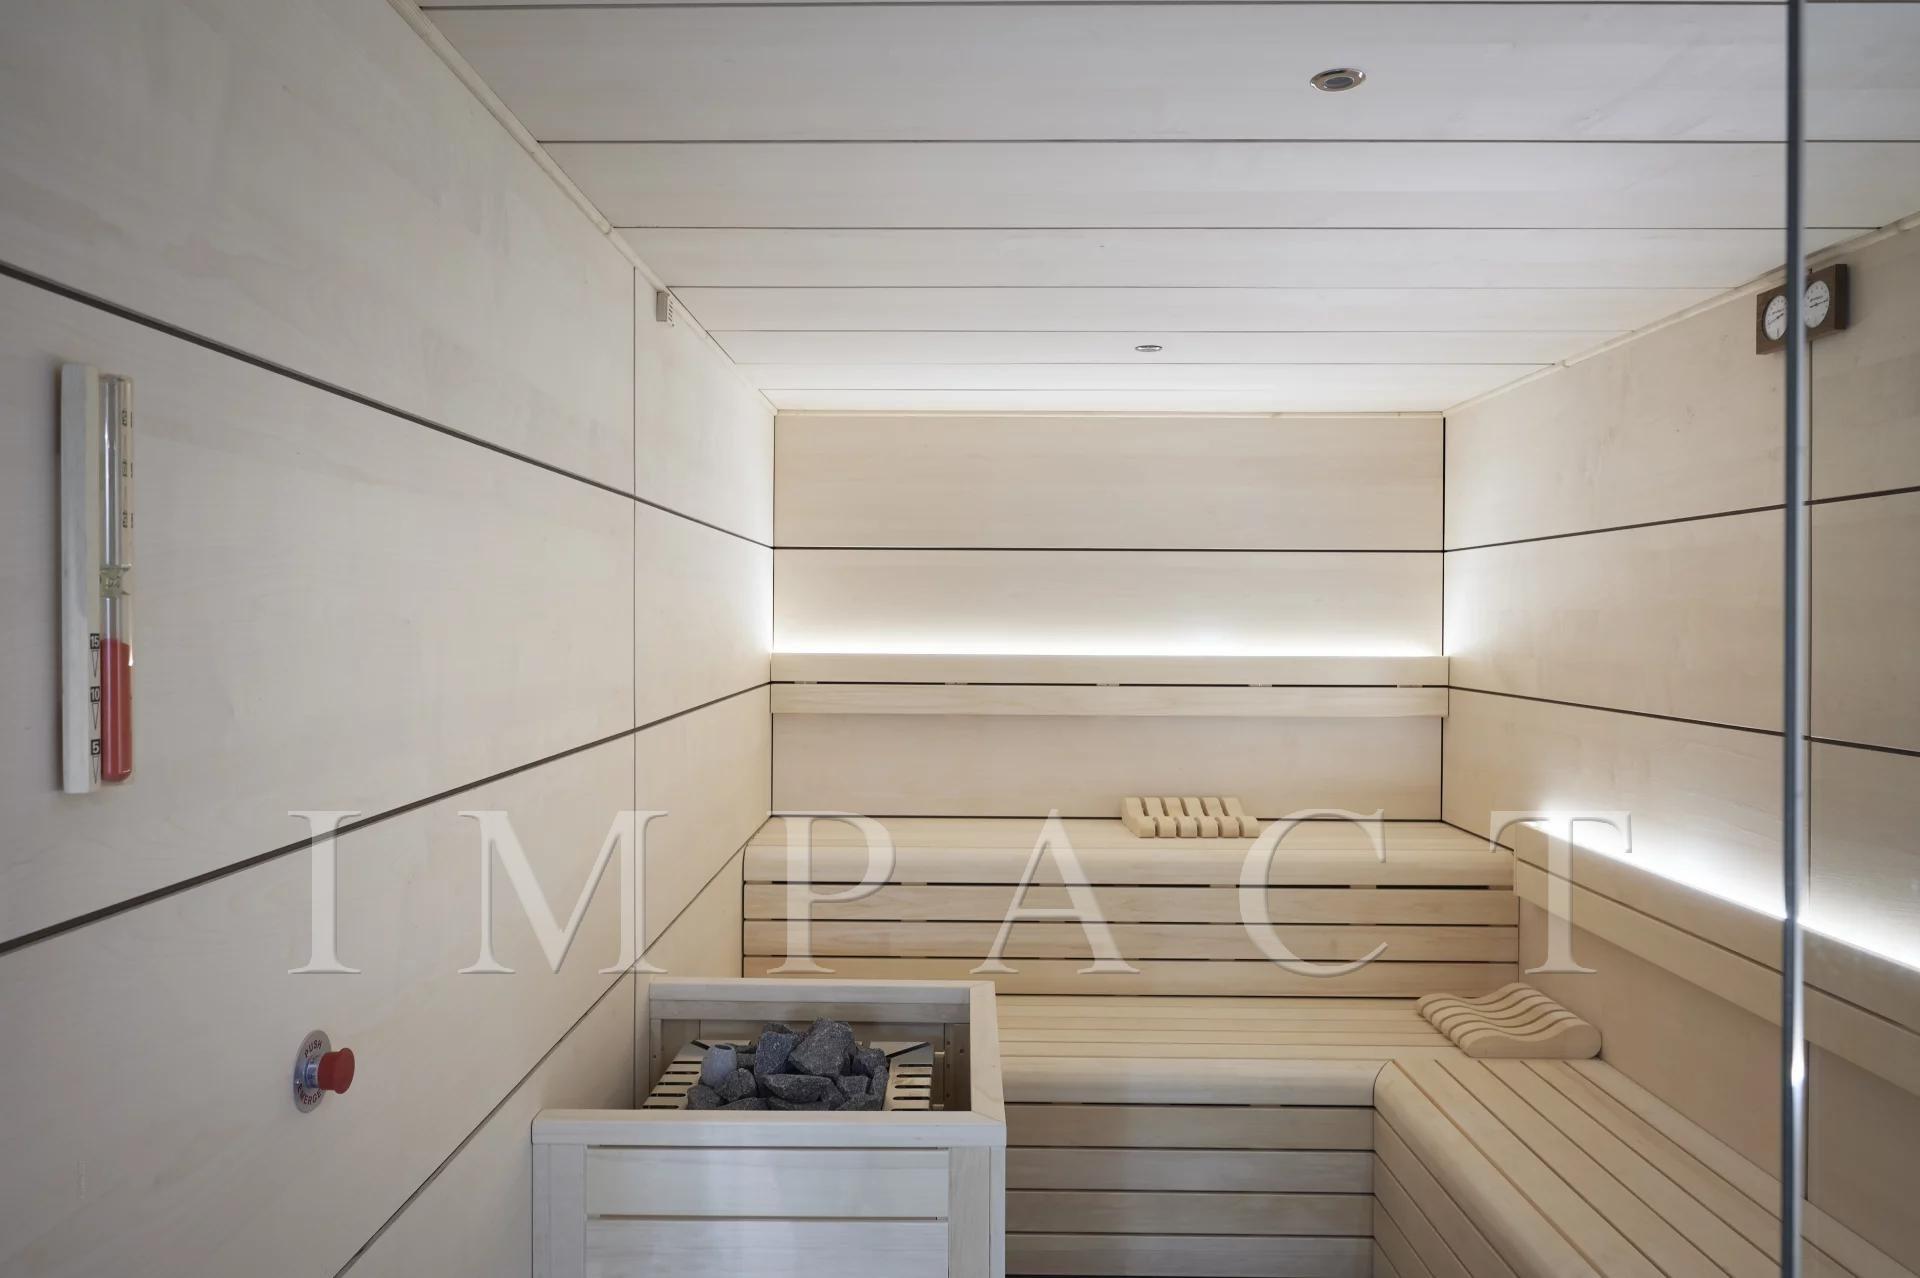 Seasonnal rent - 5 bedrooms 5 bathrooms